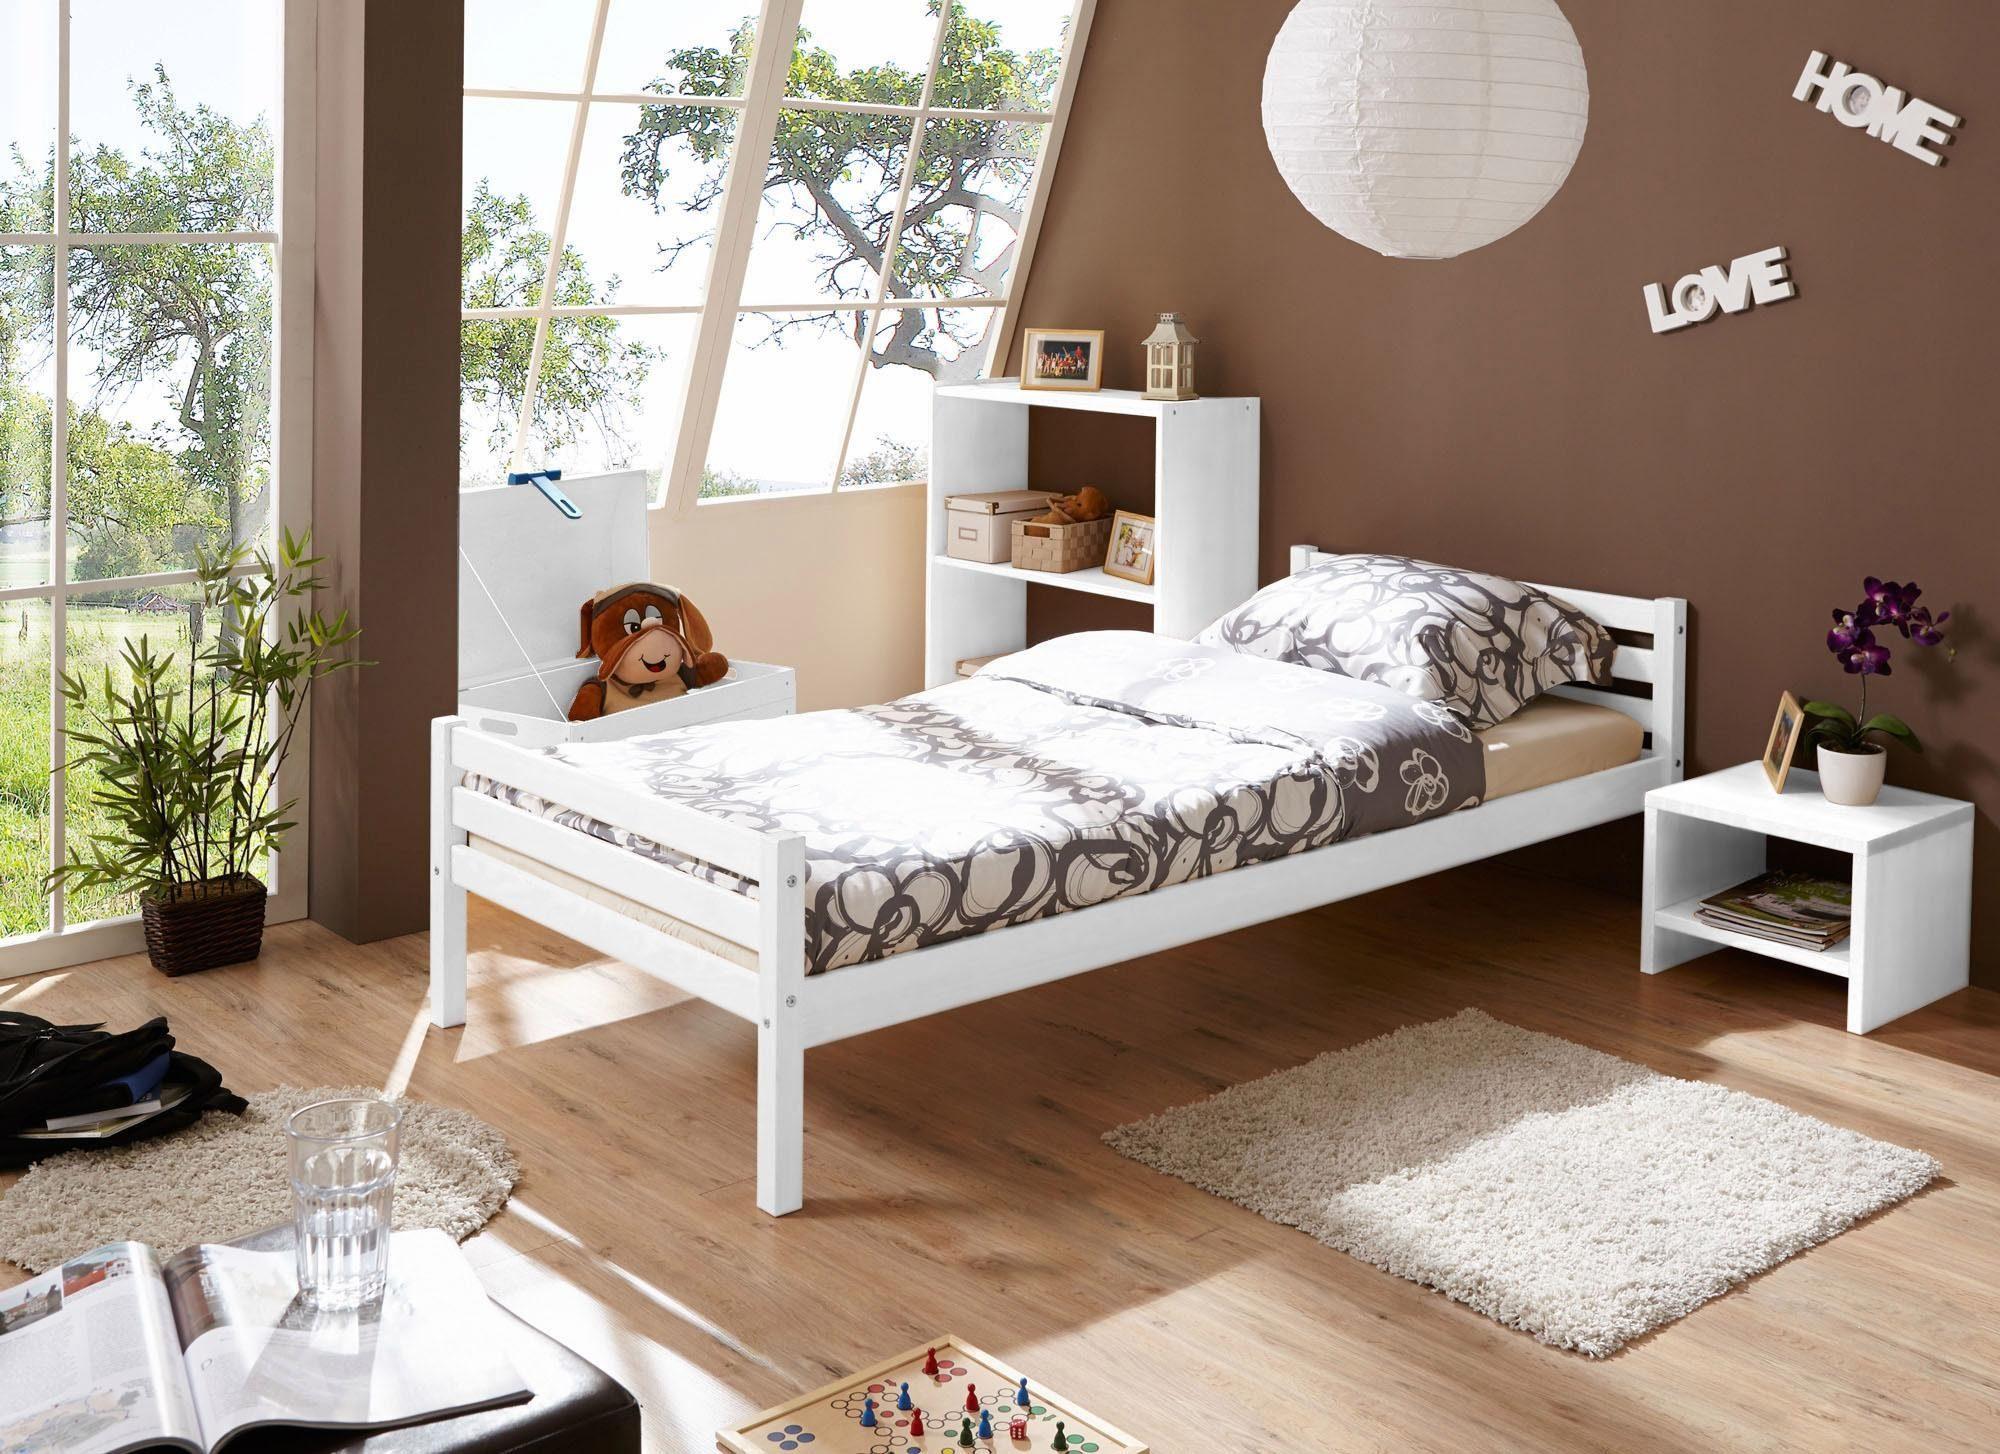 Bett Mit Ausziehfunktion ~ Jugendbetten bei möbel kraft online kaufen